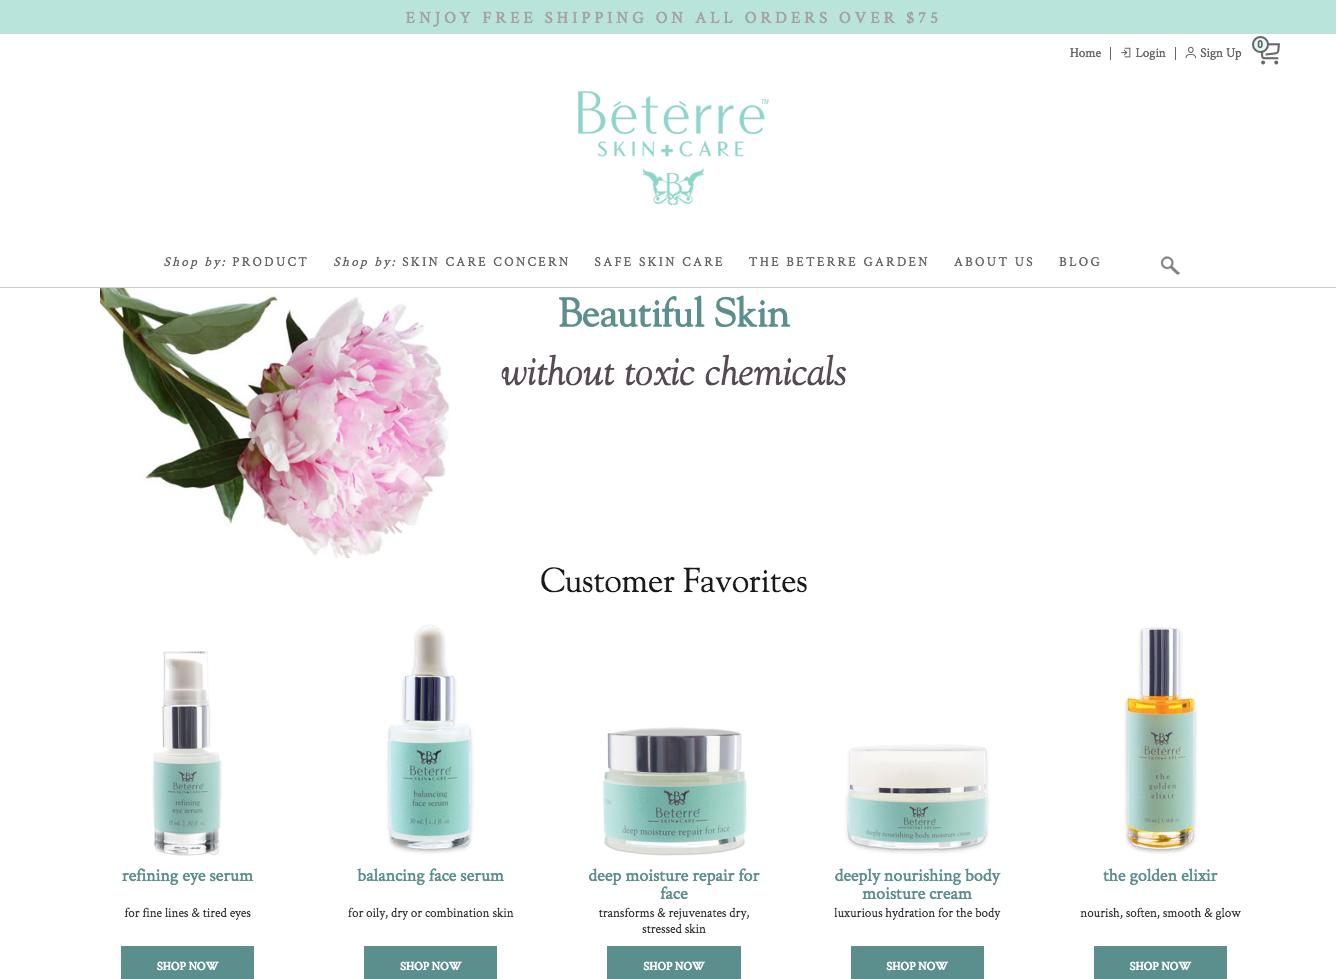 Beterre Website